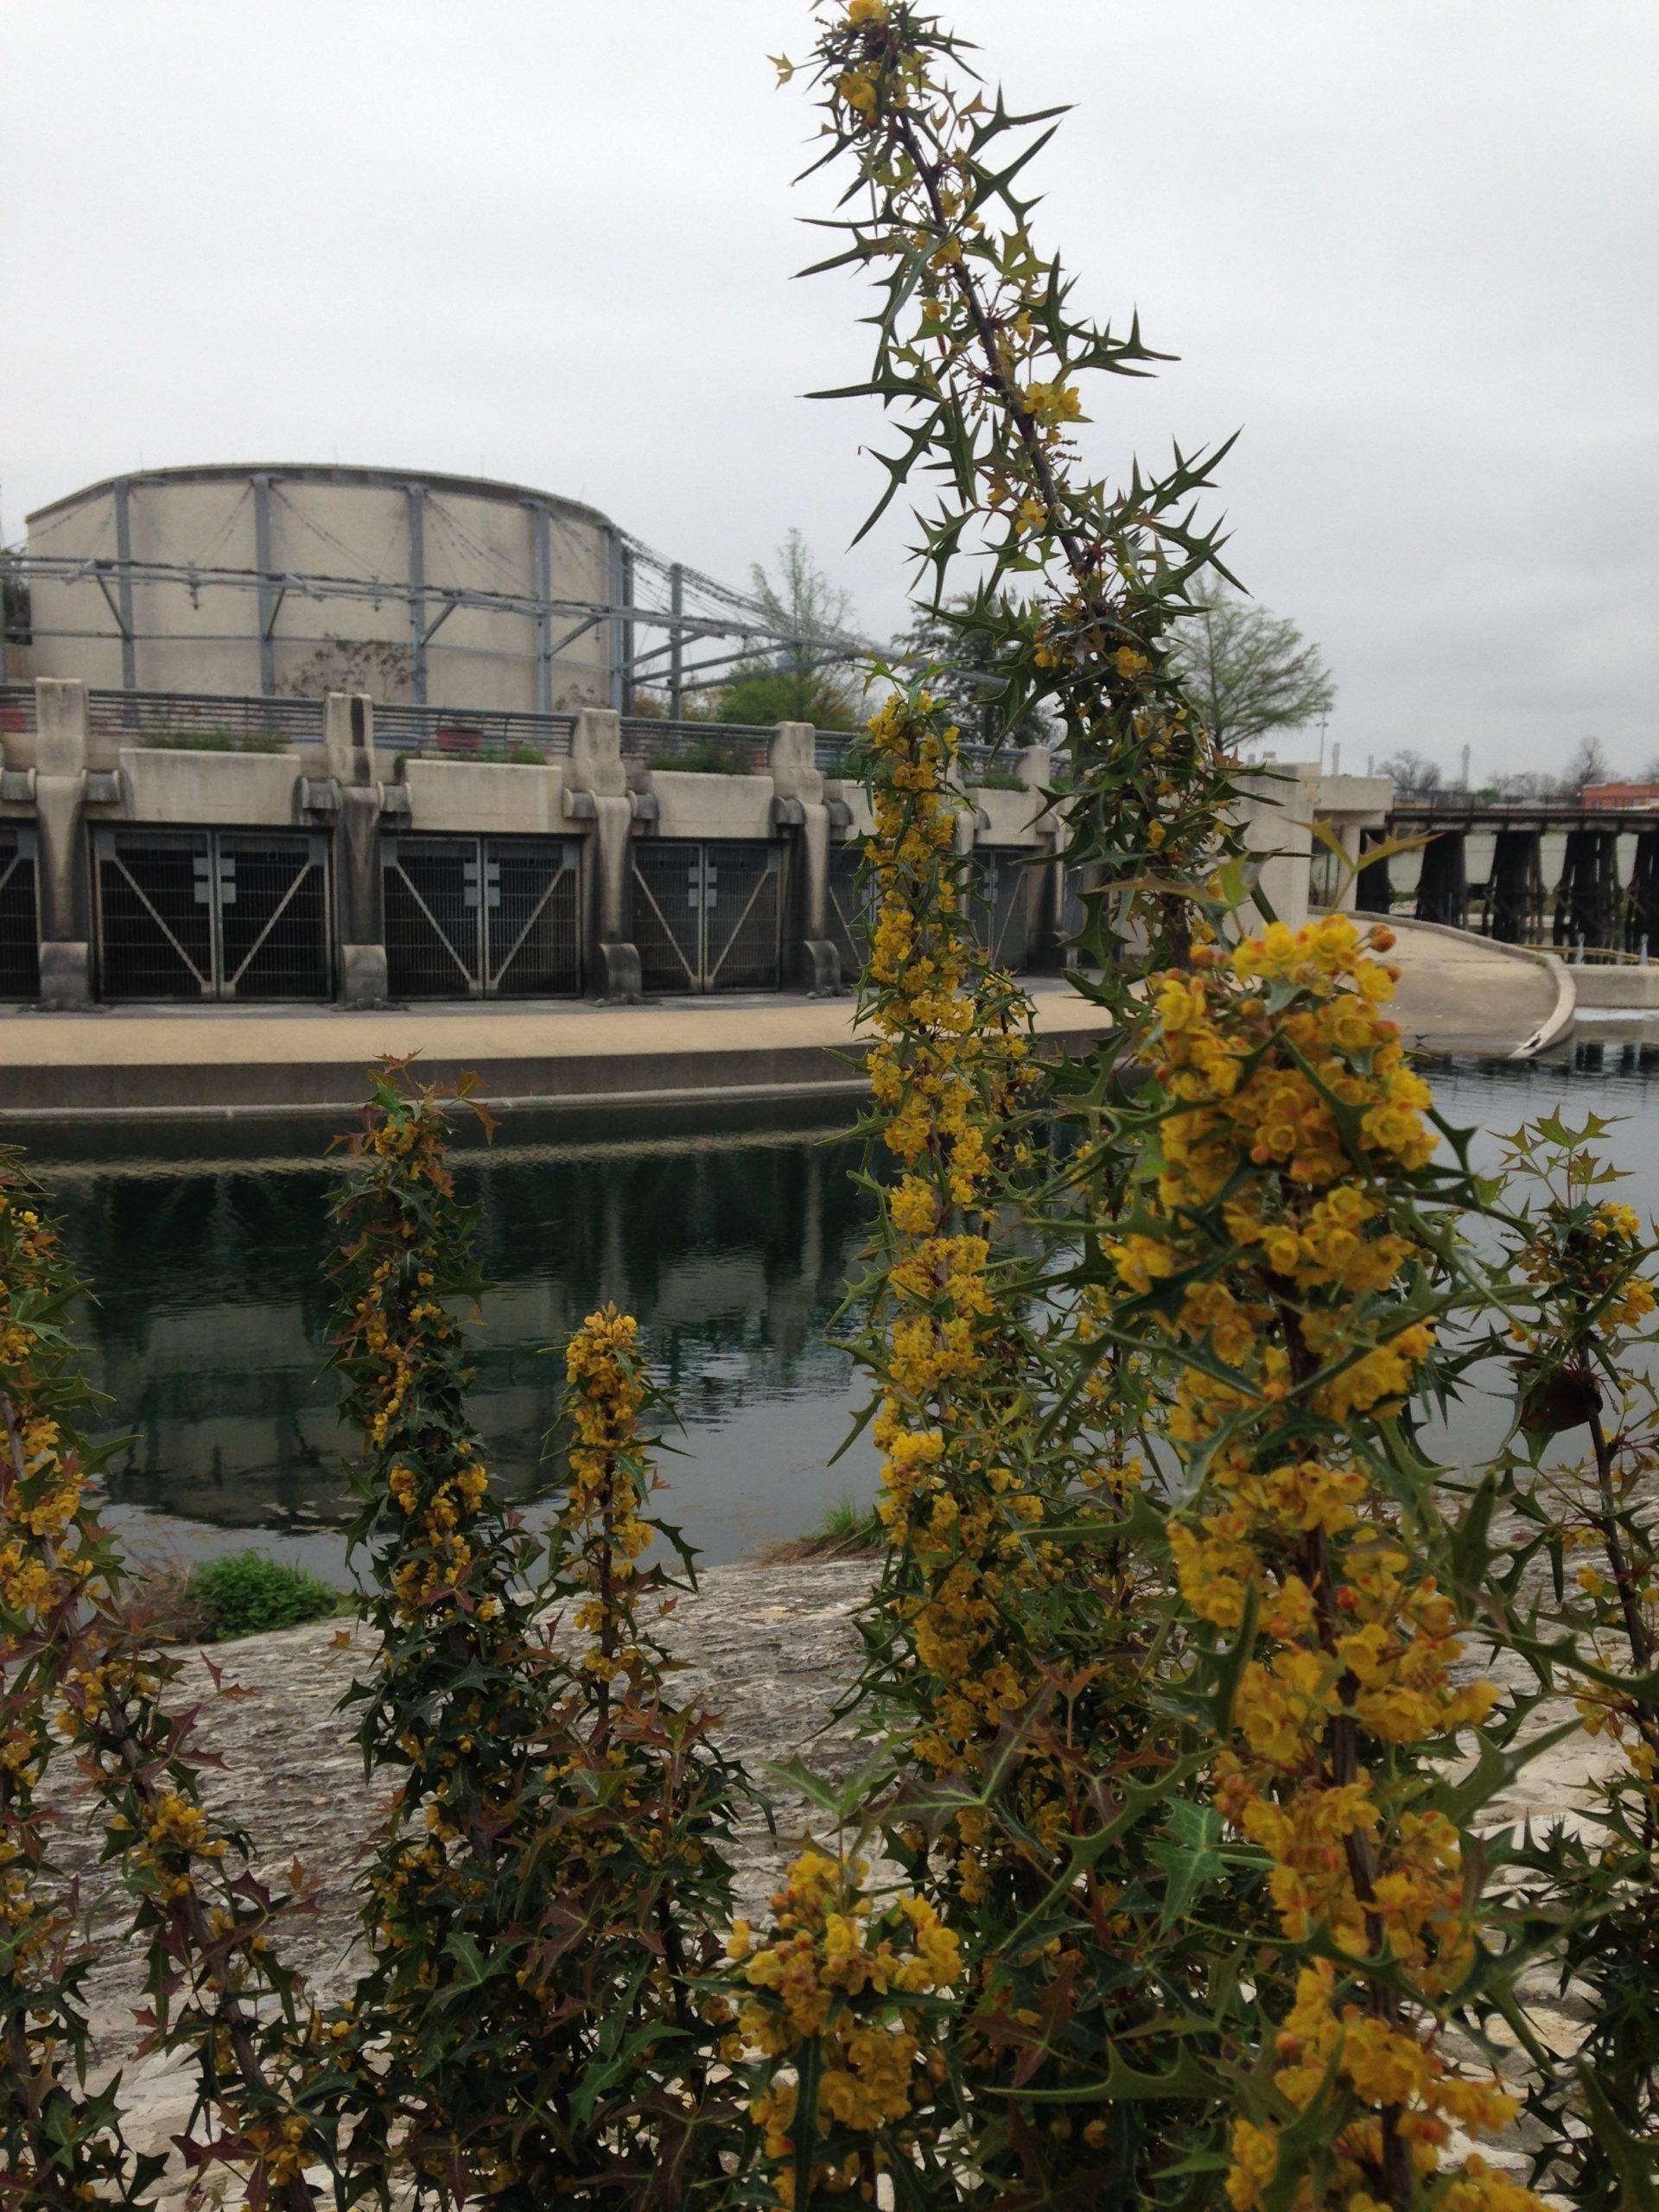 Agarita bloom, Lone Star Bridge